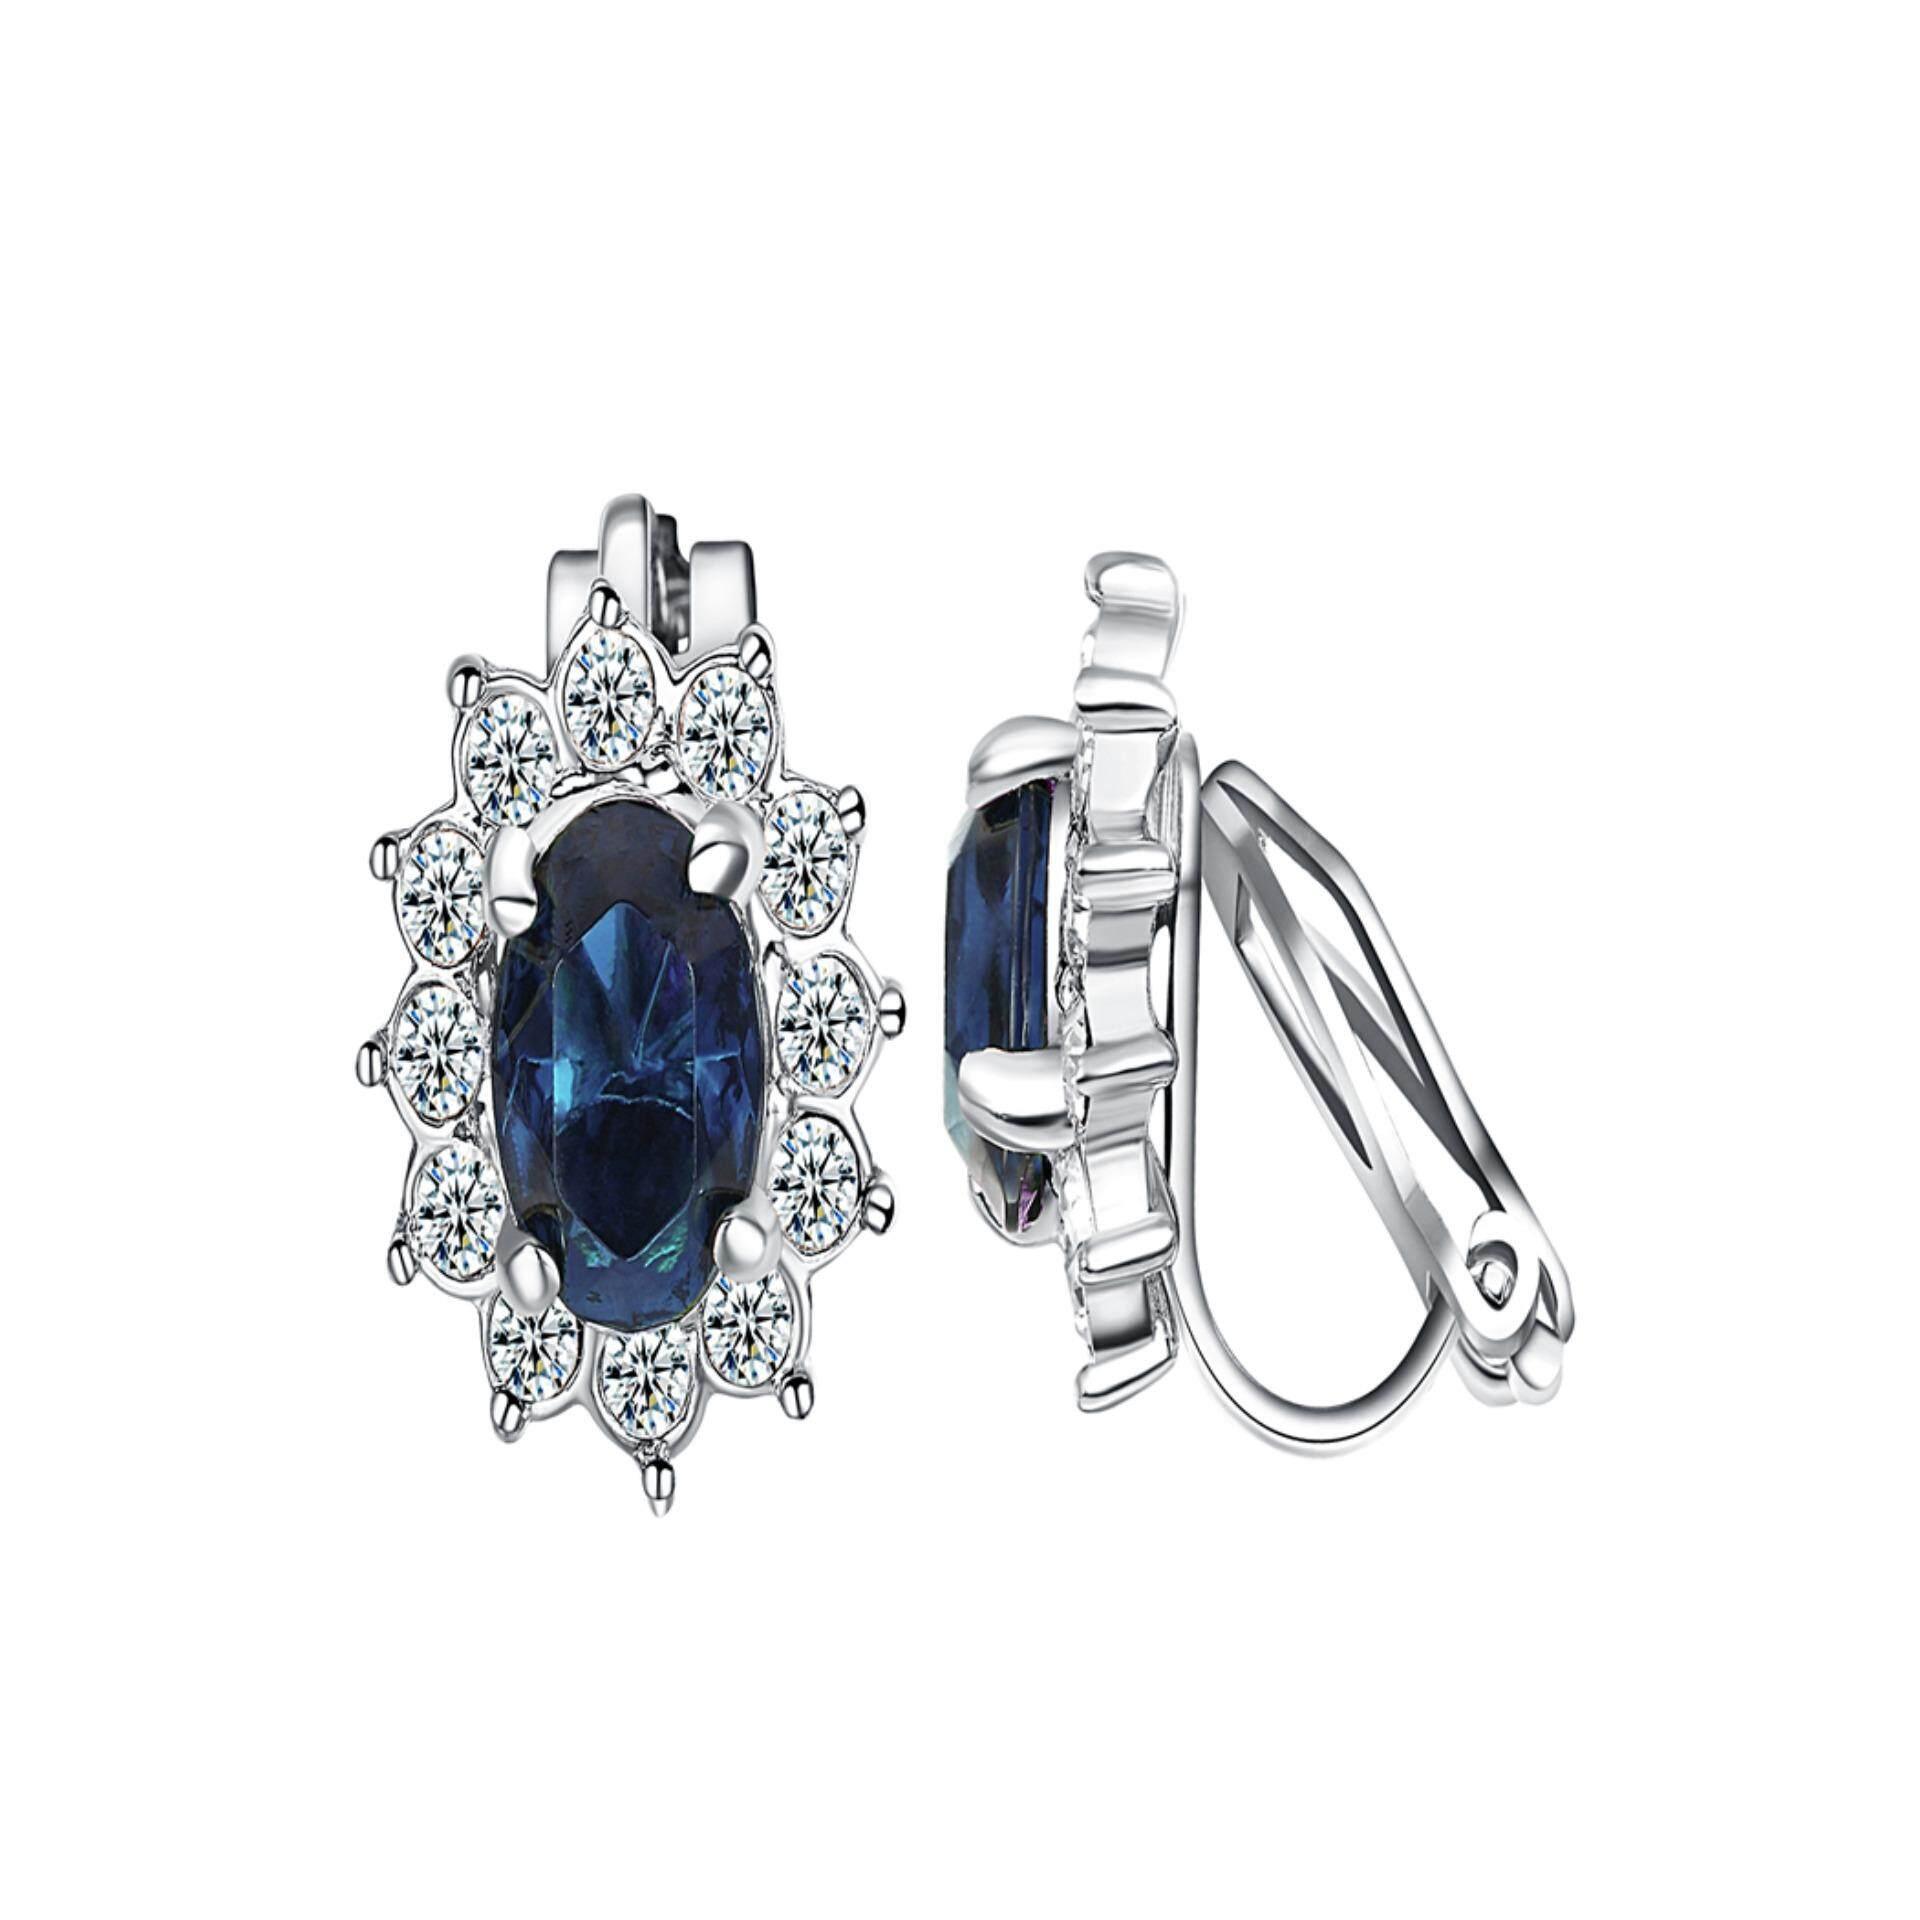 Yoursfs Kristal Klip Perempuan Di Anting-Anting 18 K Mawar Emas Berlapis Perhiasan Fashion Unik